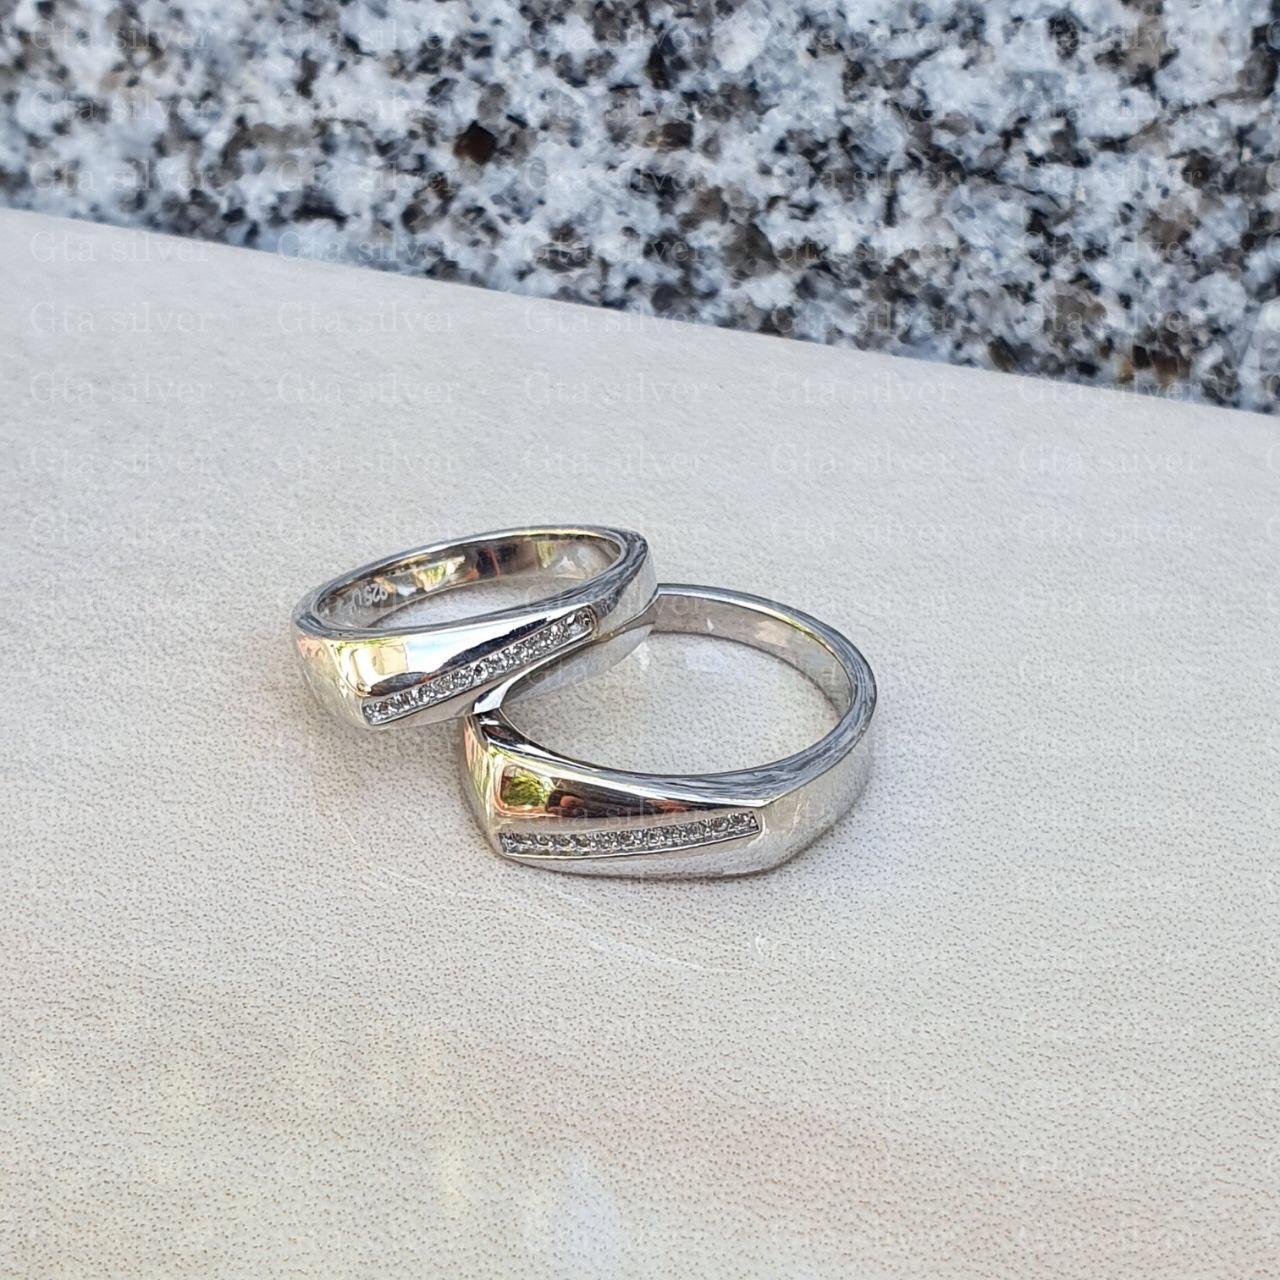 ست حلقه ازدواج وزن 8.5 گرم مدل 64